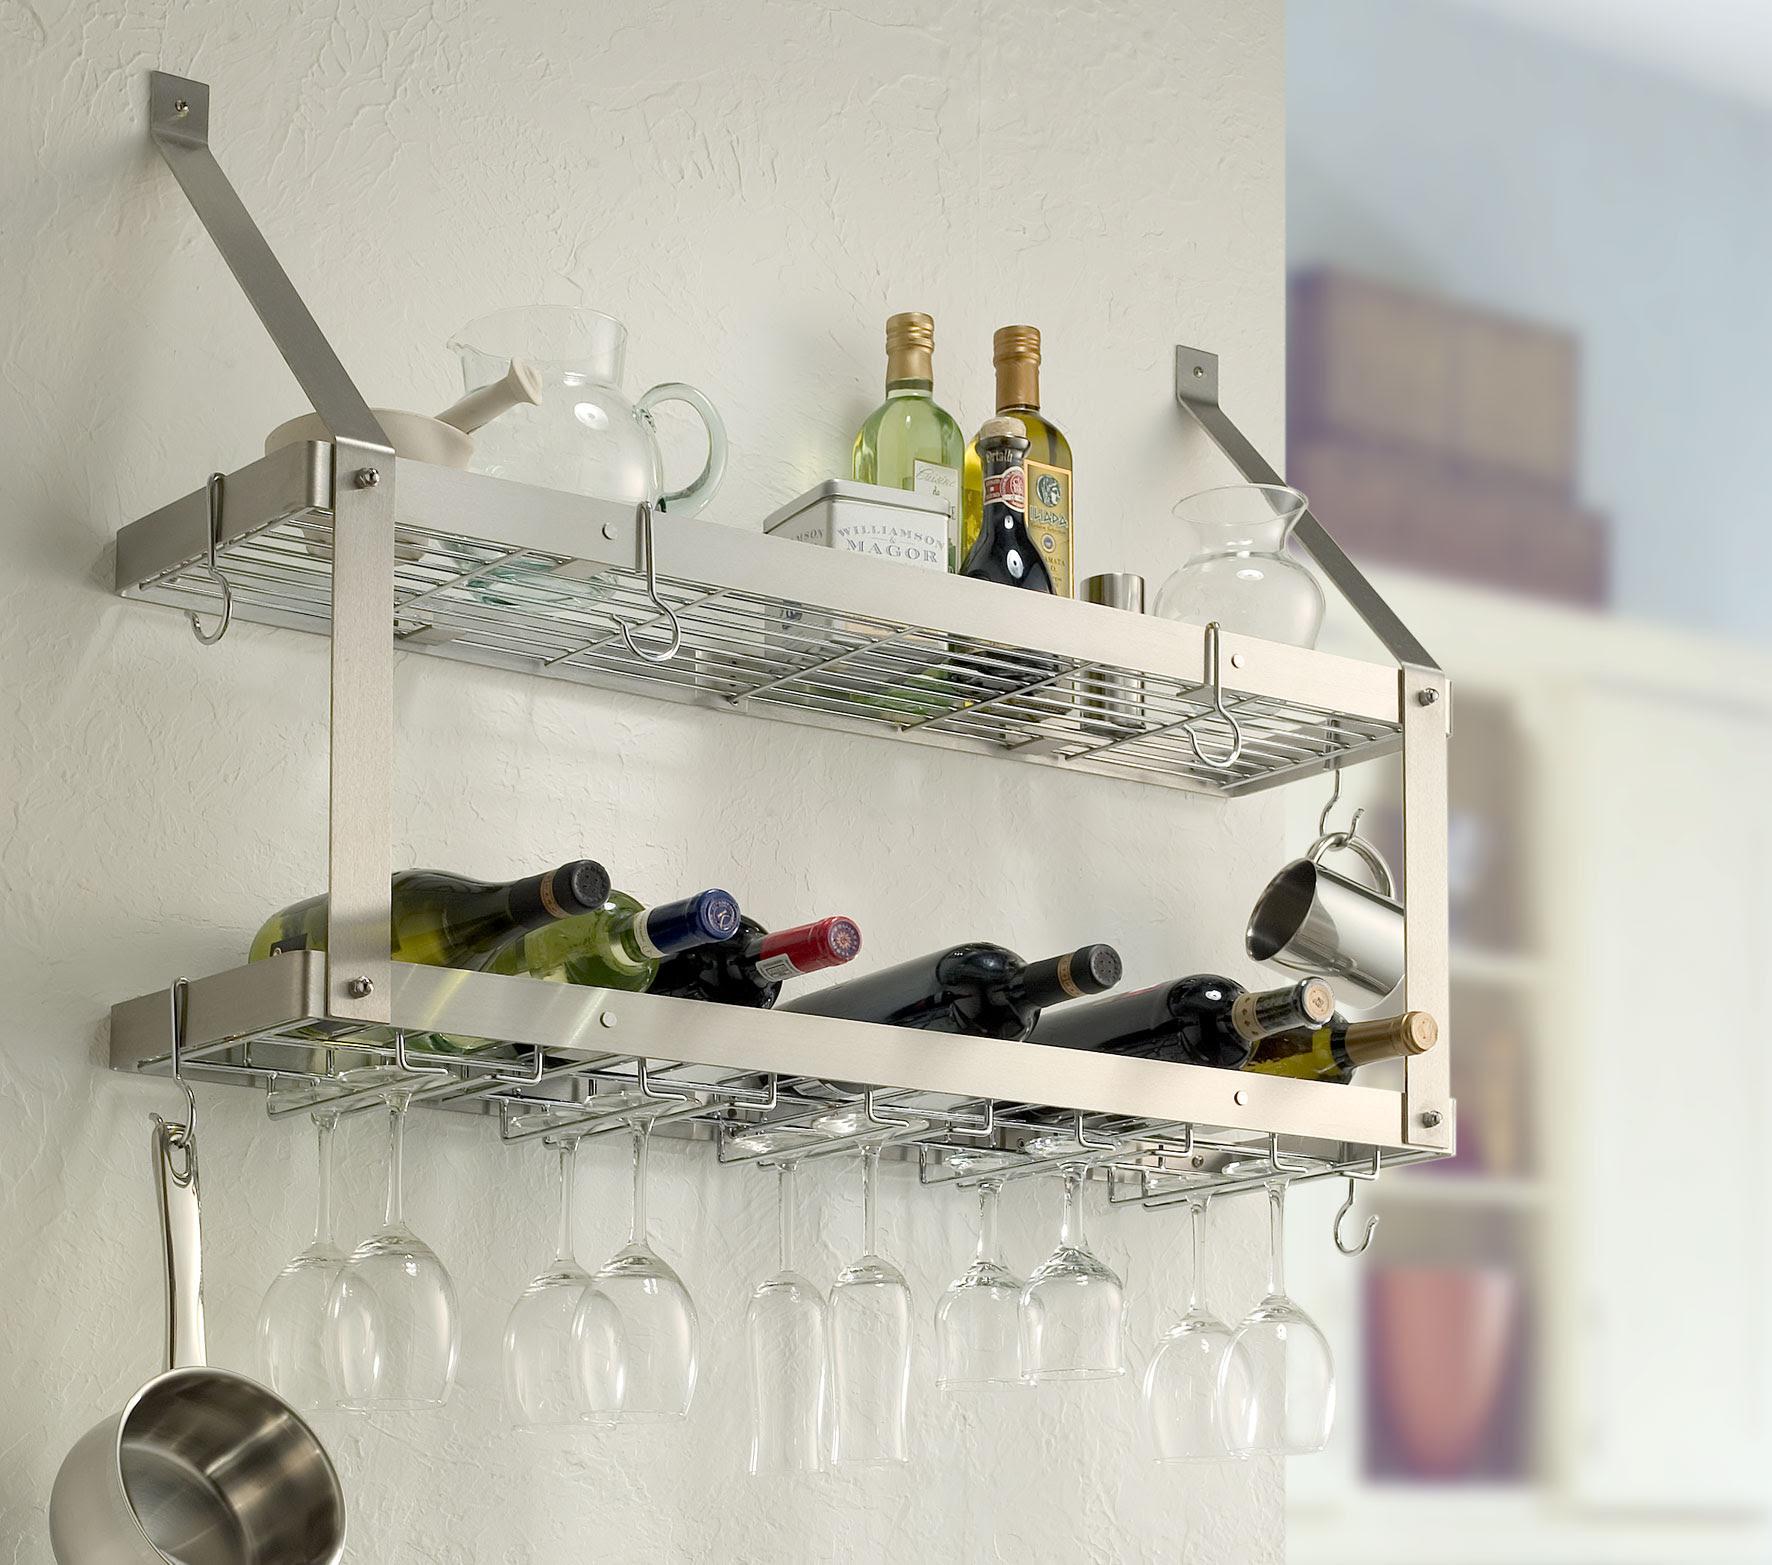 Wall Mounted Wine Rack Shelf